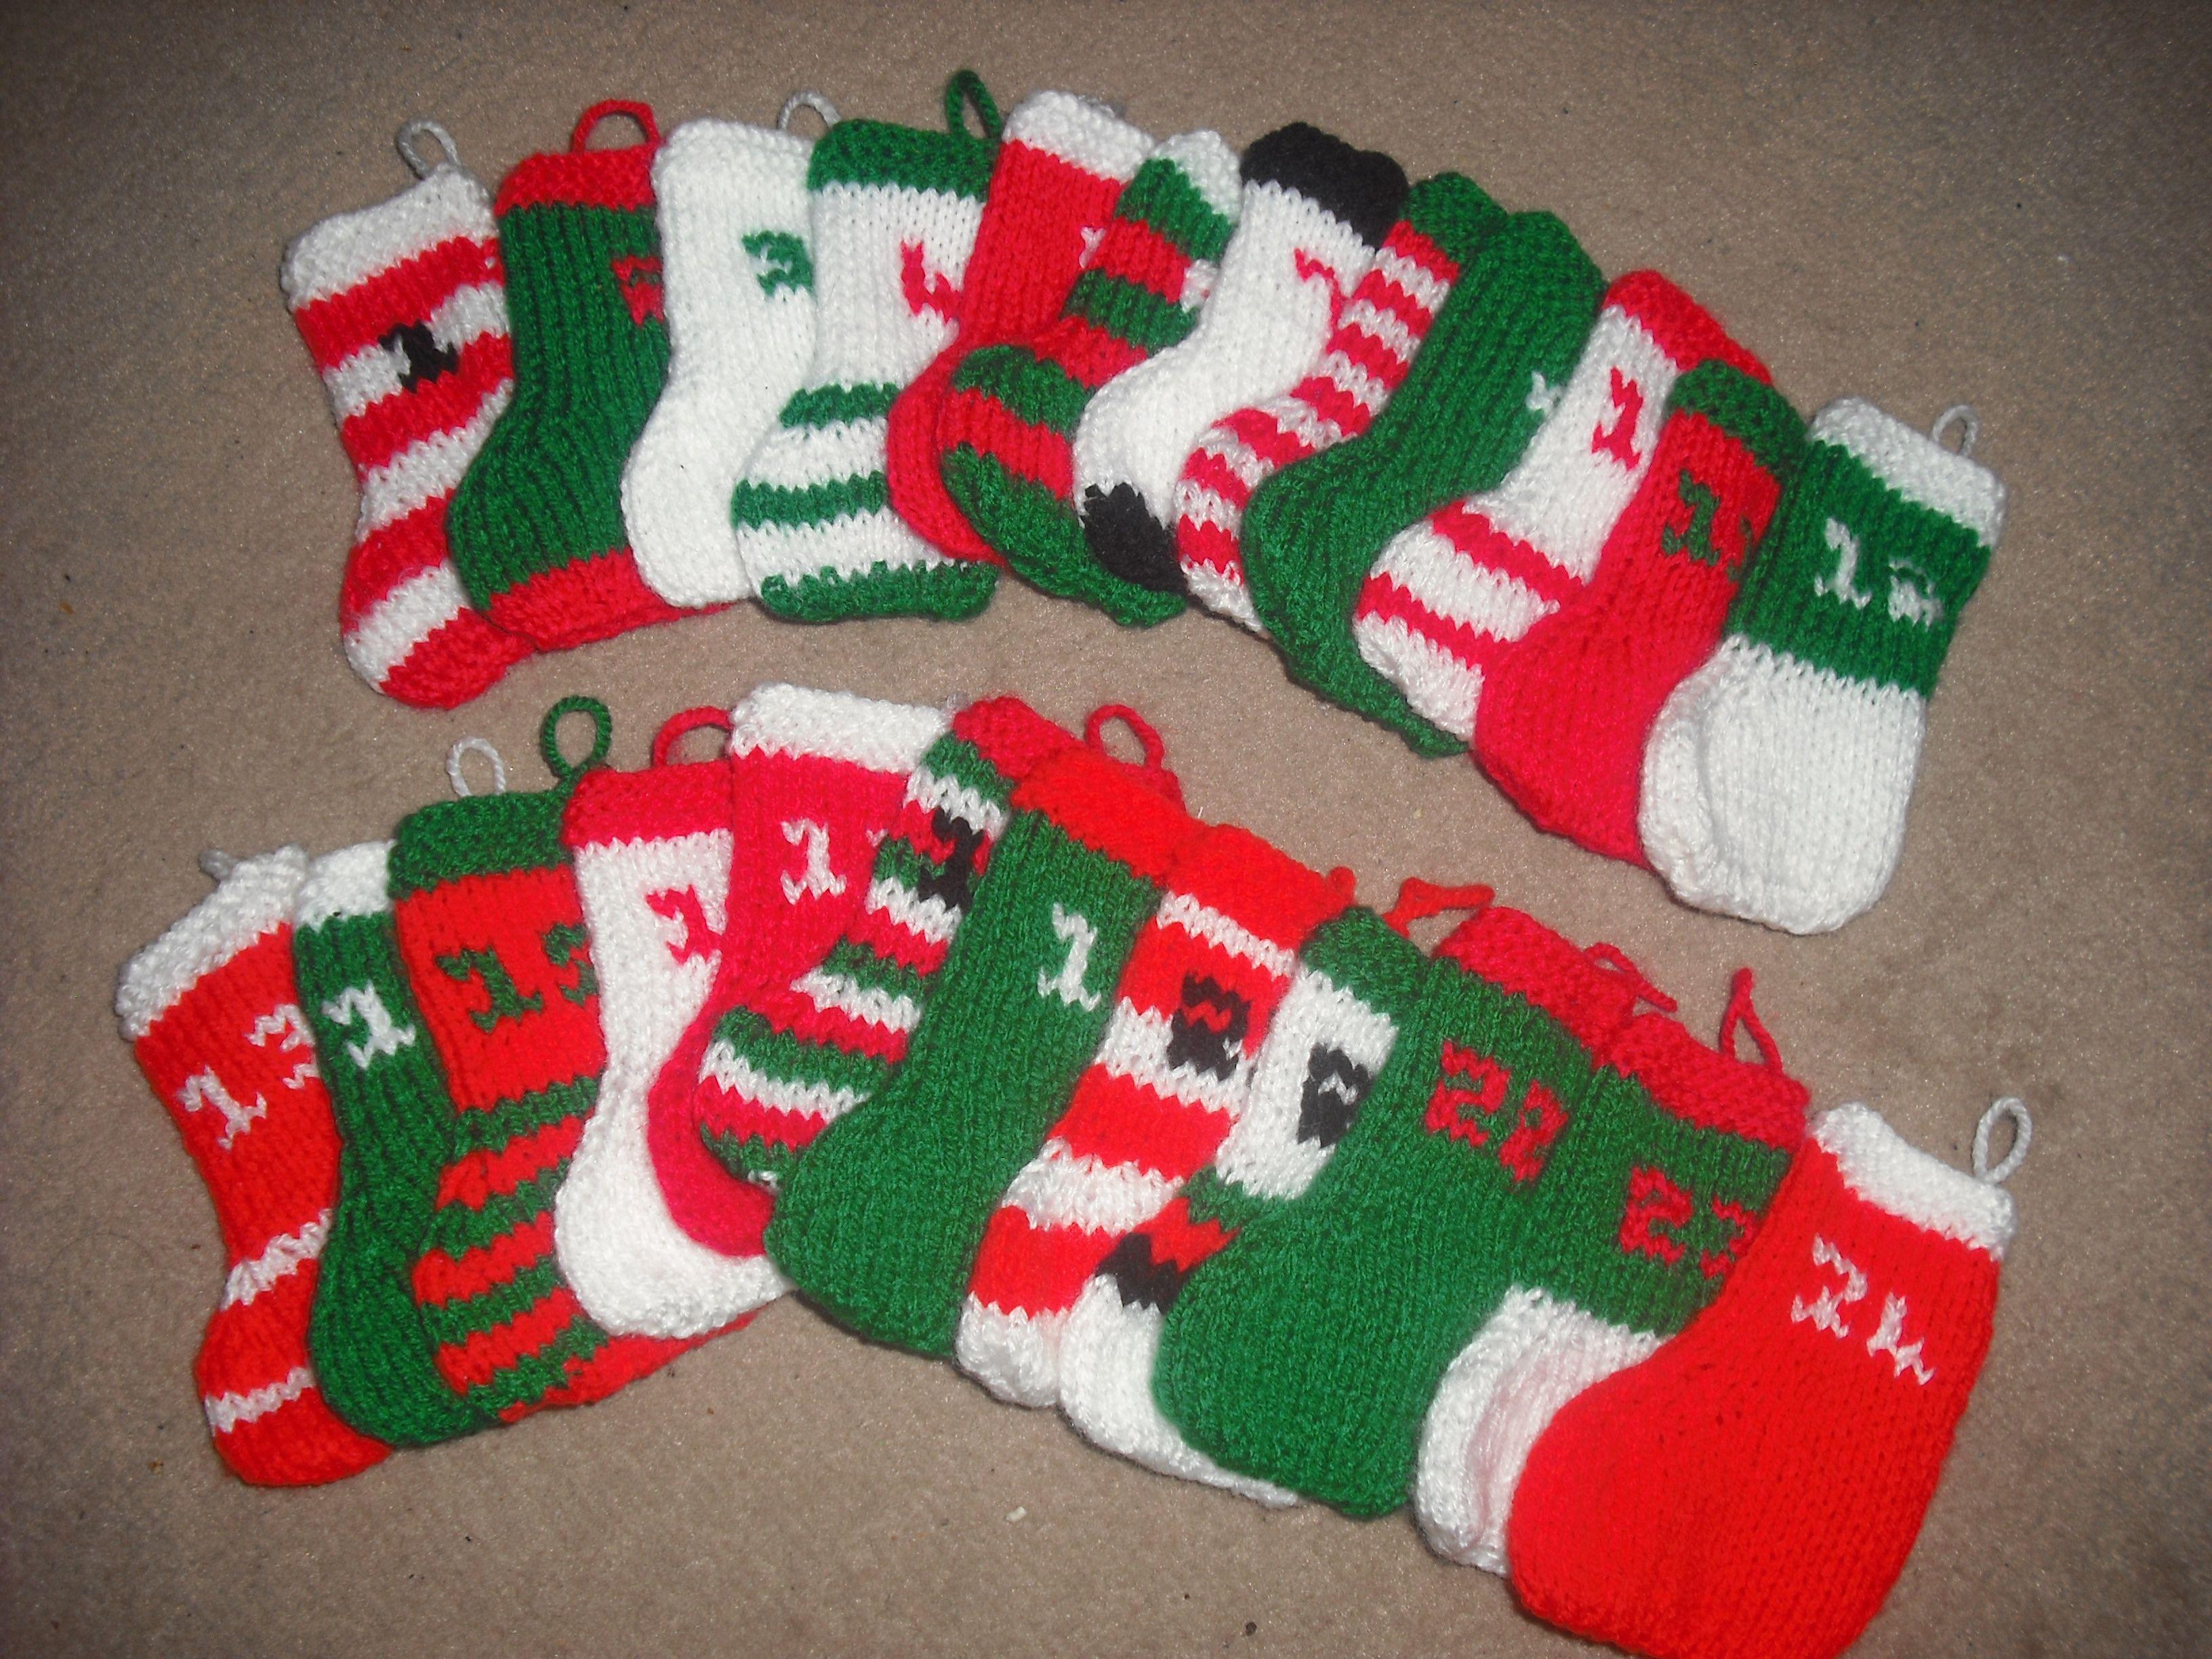 Advent Calendar Handmade Knitting : Knitted advent calendar my crafts pinterest